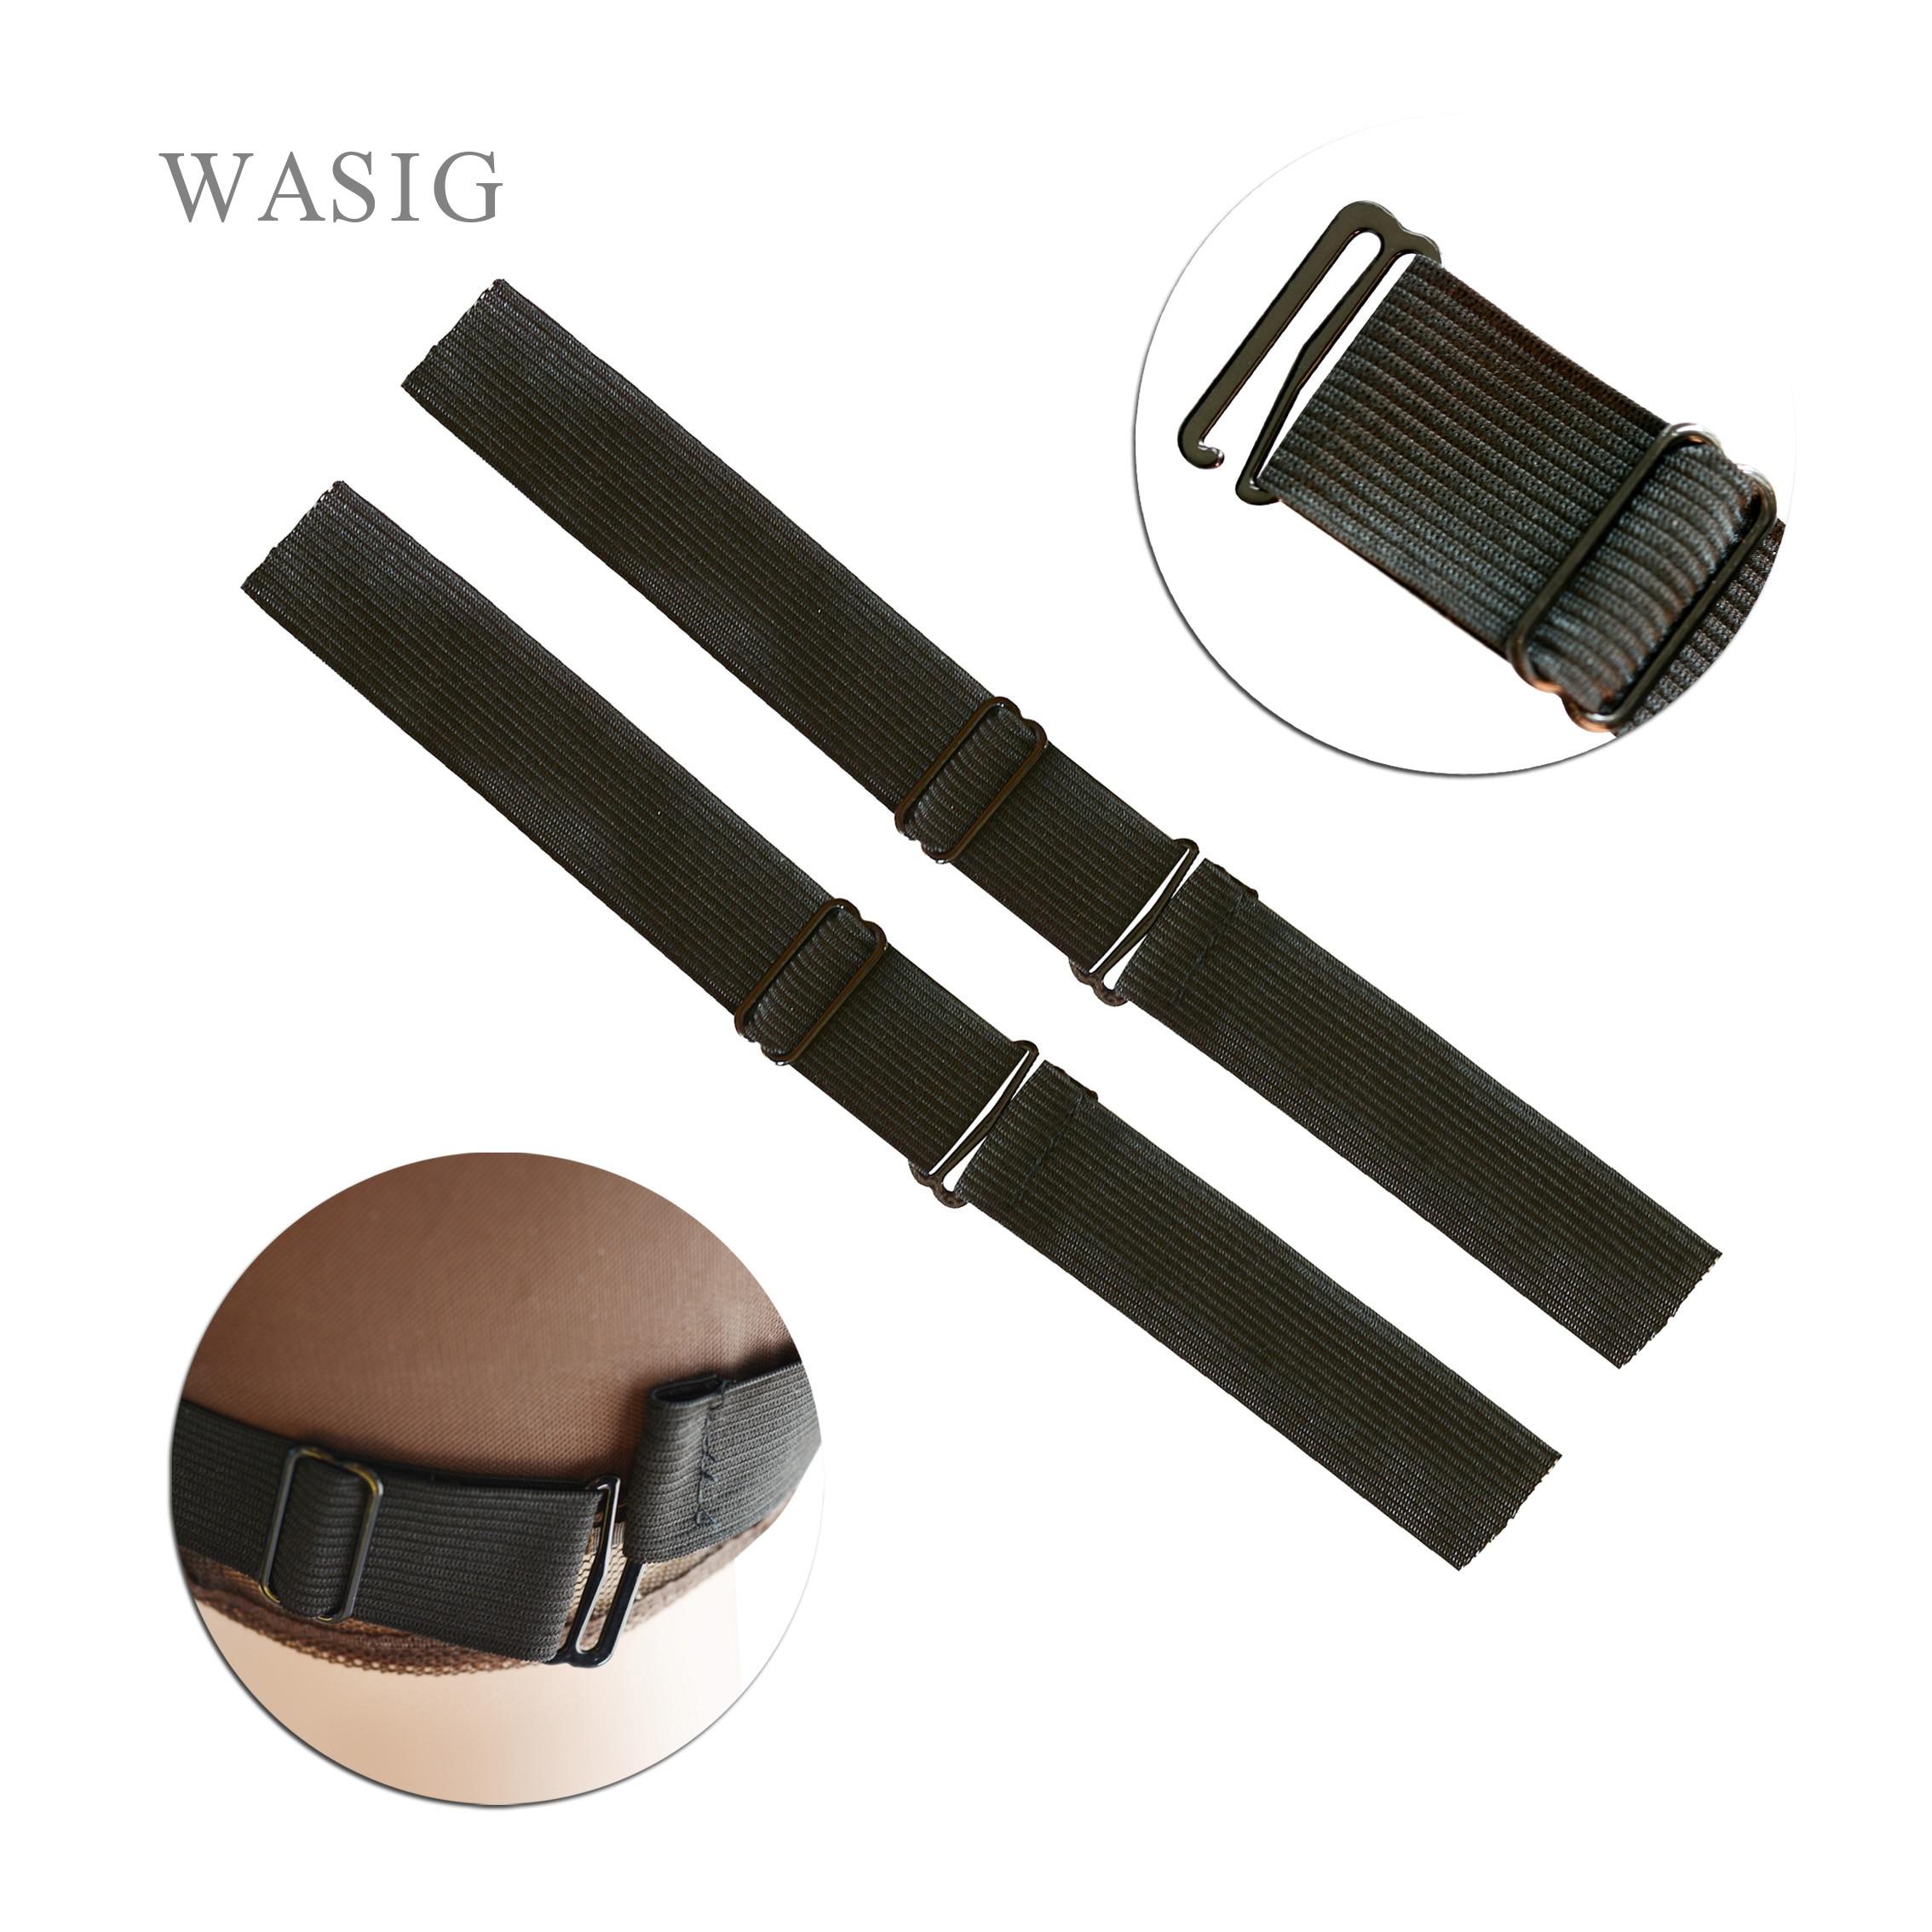 Las bandas elásticas más altas ajustables de Nylon negro para pelucas que hacen pelucas, Red de encaje, Red de encaje, herramientas de fabricación de pelucas de goma